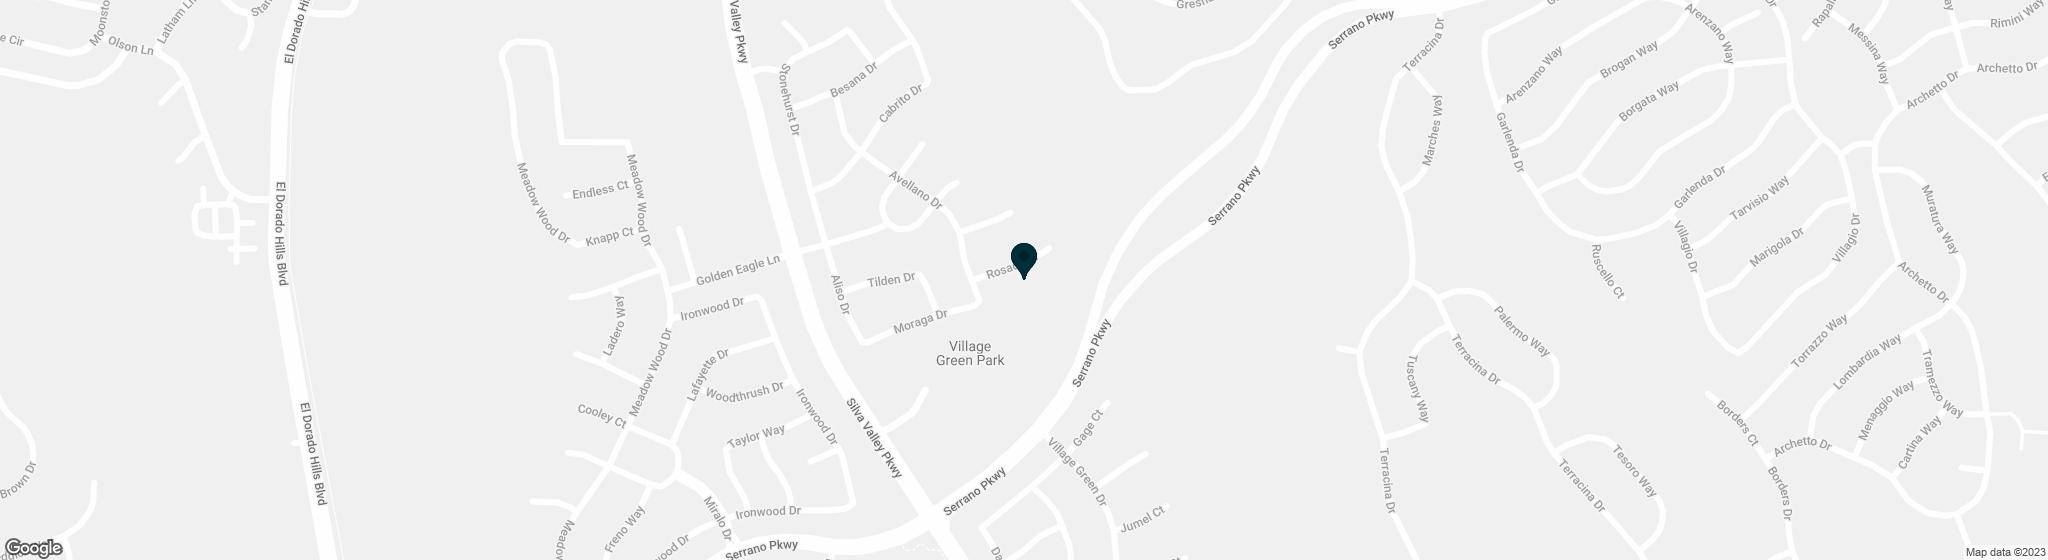 4094 Zenaida Way El Dorado Hills CA 95762